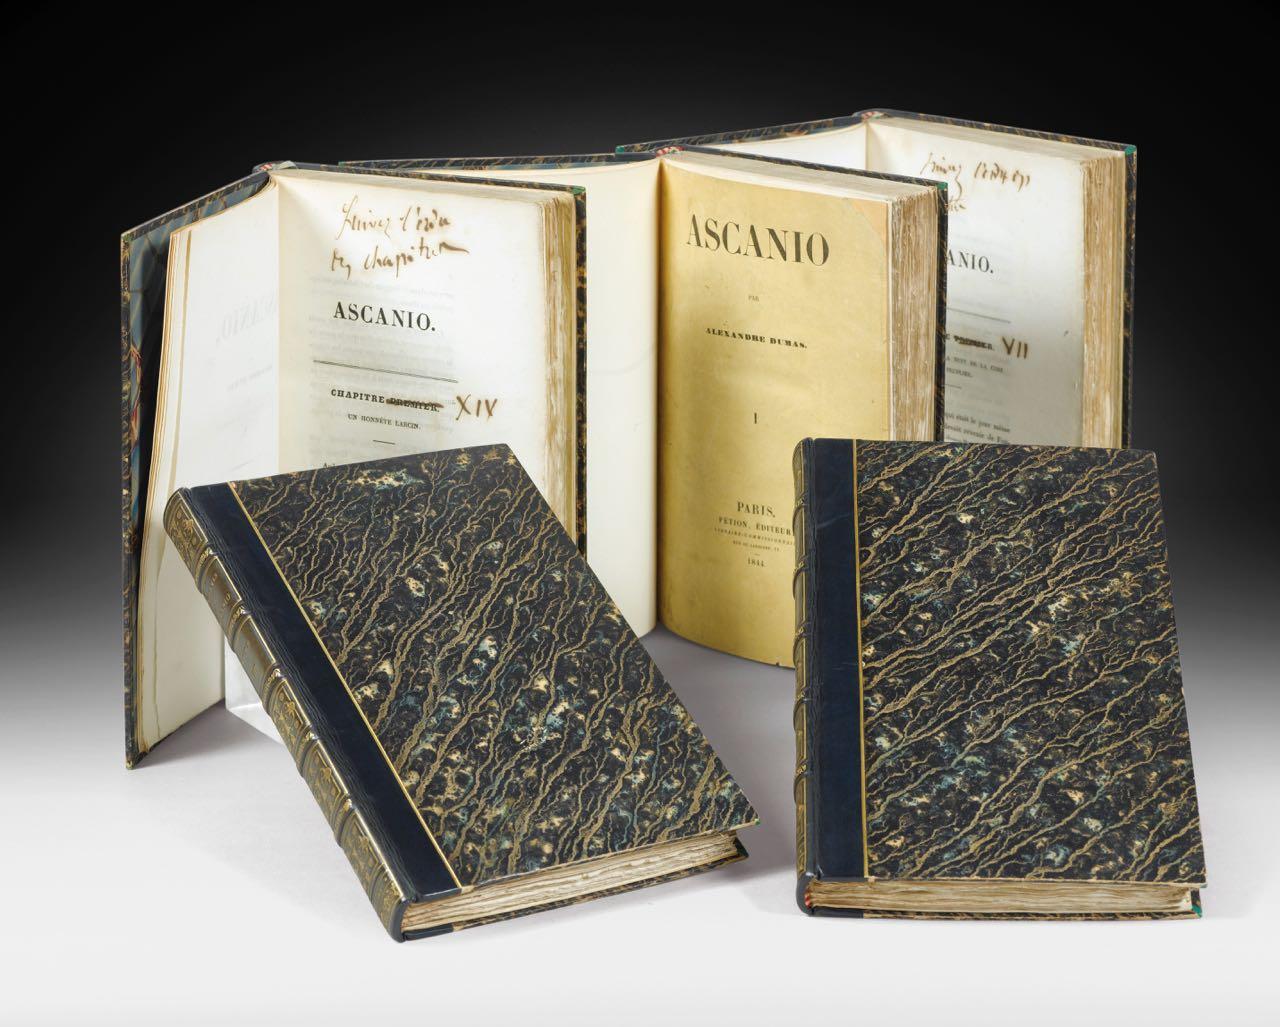 DUMAS. ASCANIO La très rare édition originale annontée par DUMAS !